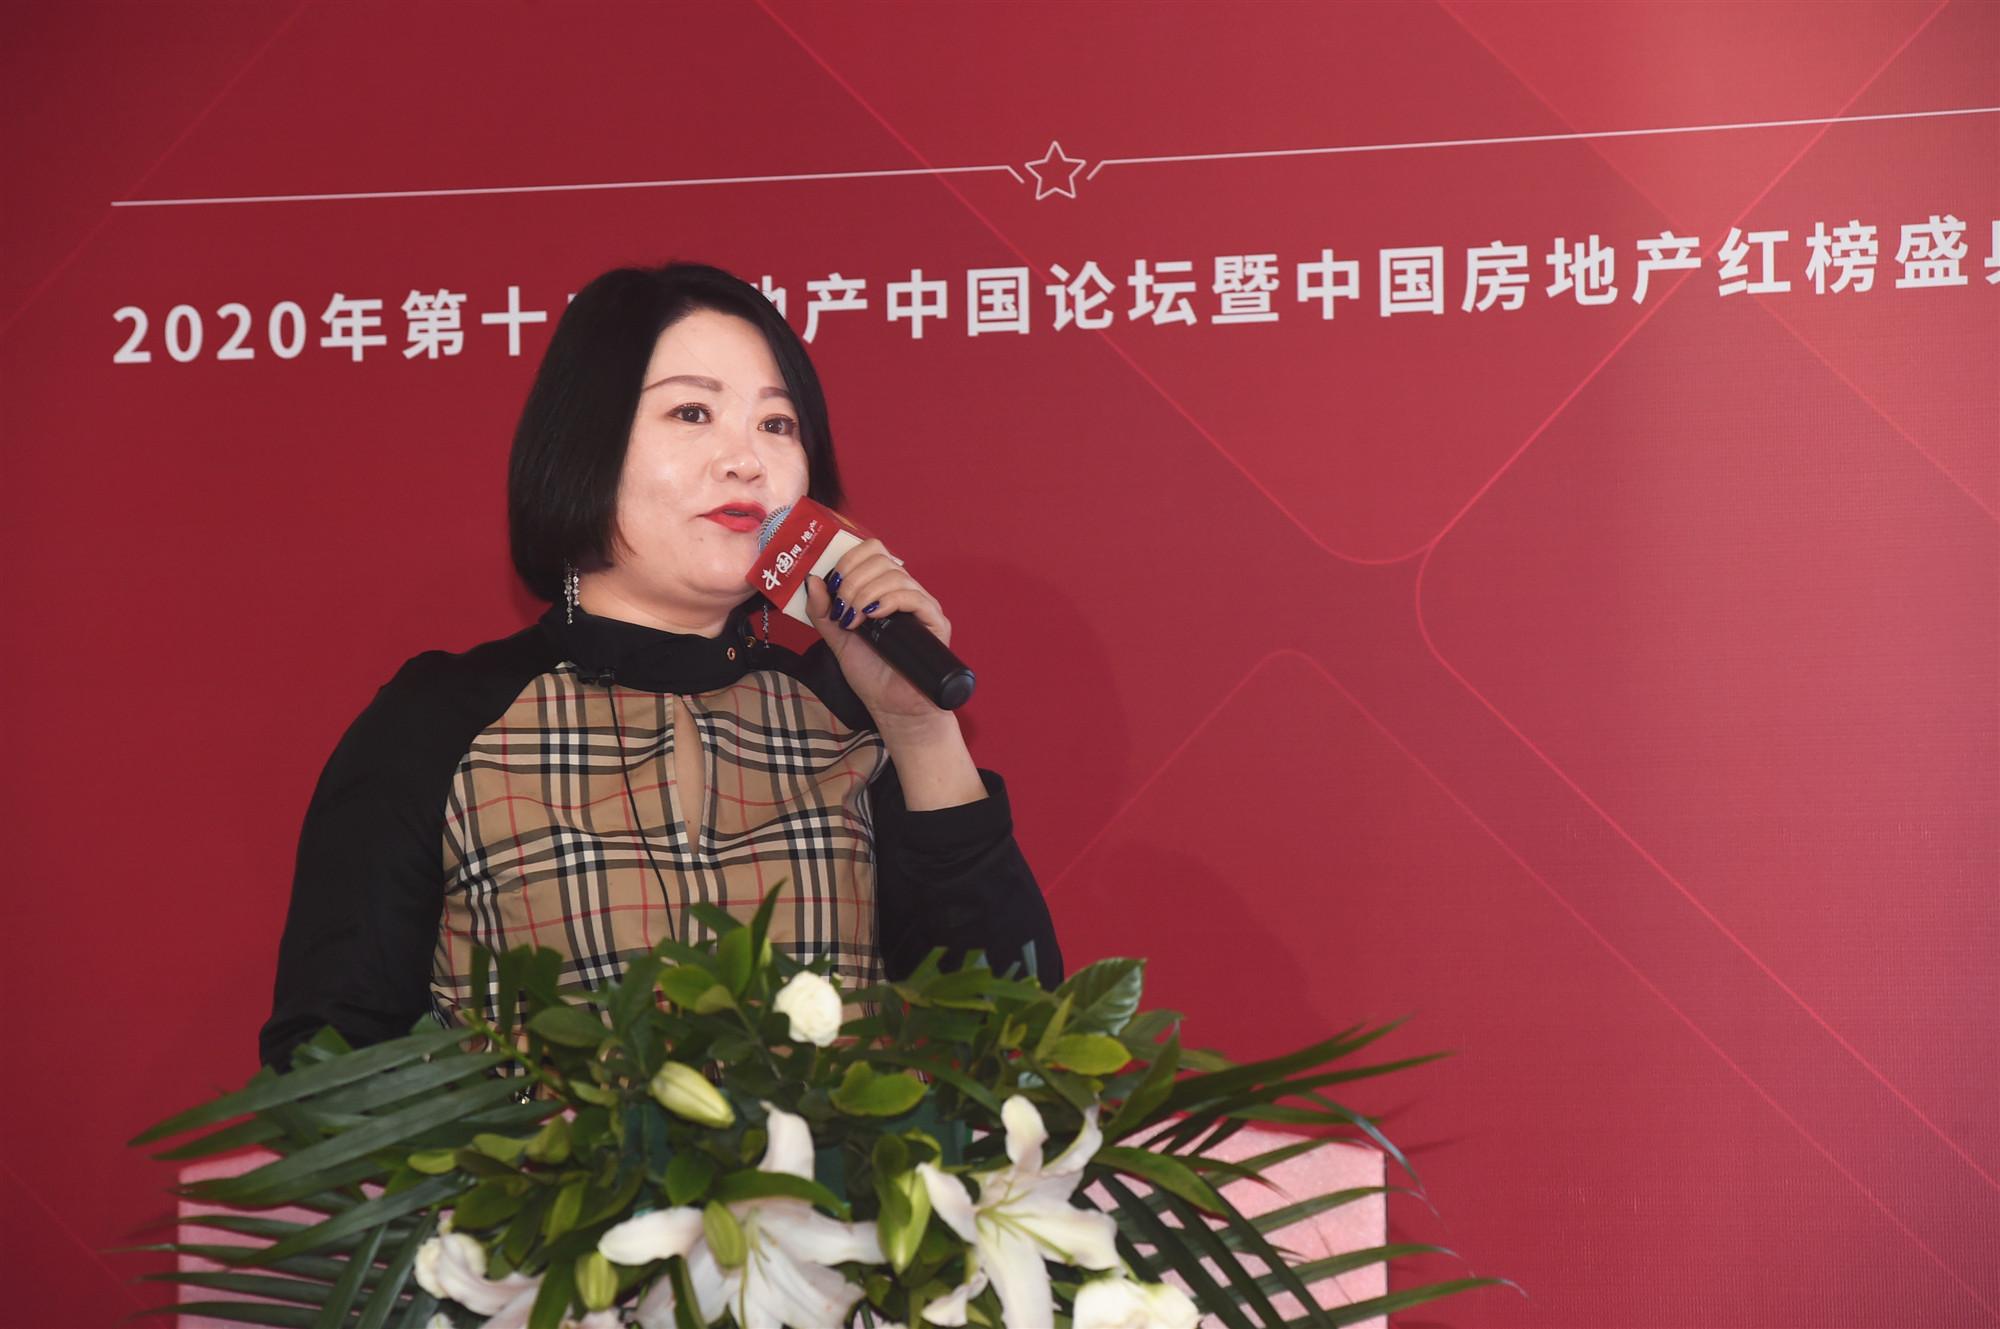 万年基业秦娜: 打造万博鱼IP实景娱乐的核心竞争力-中国网地产